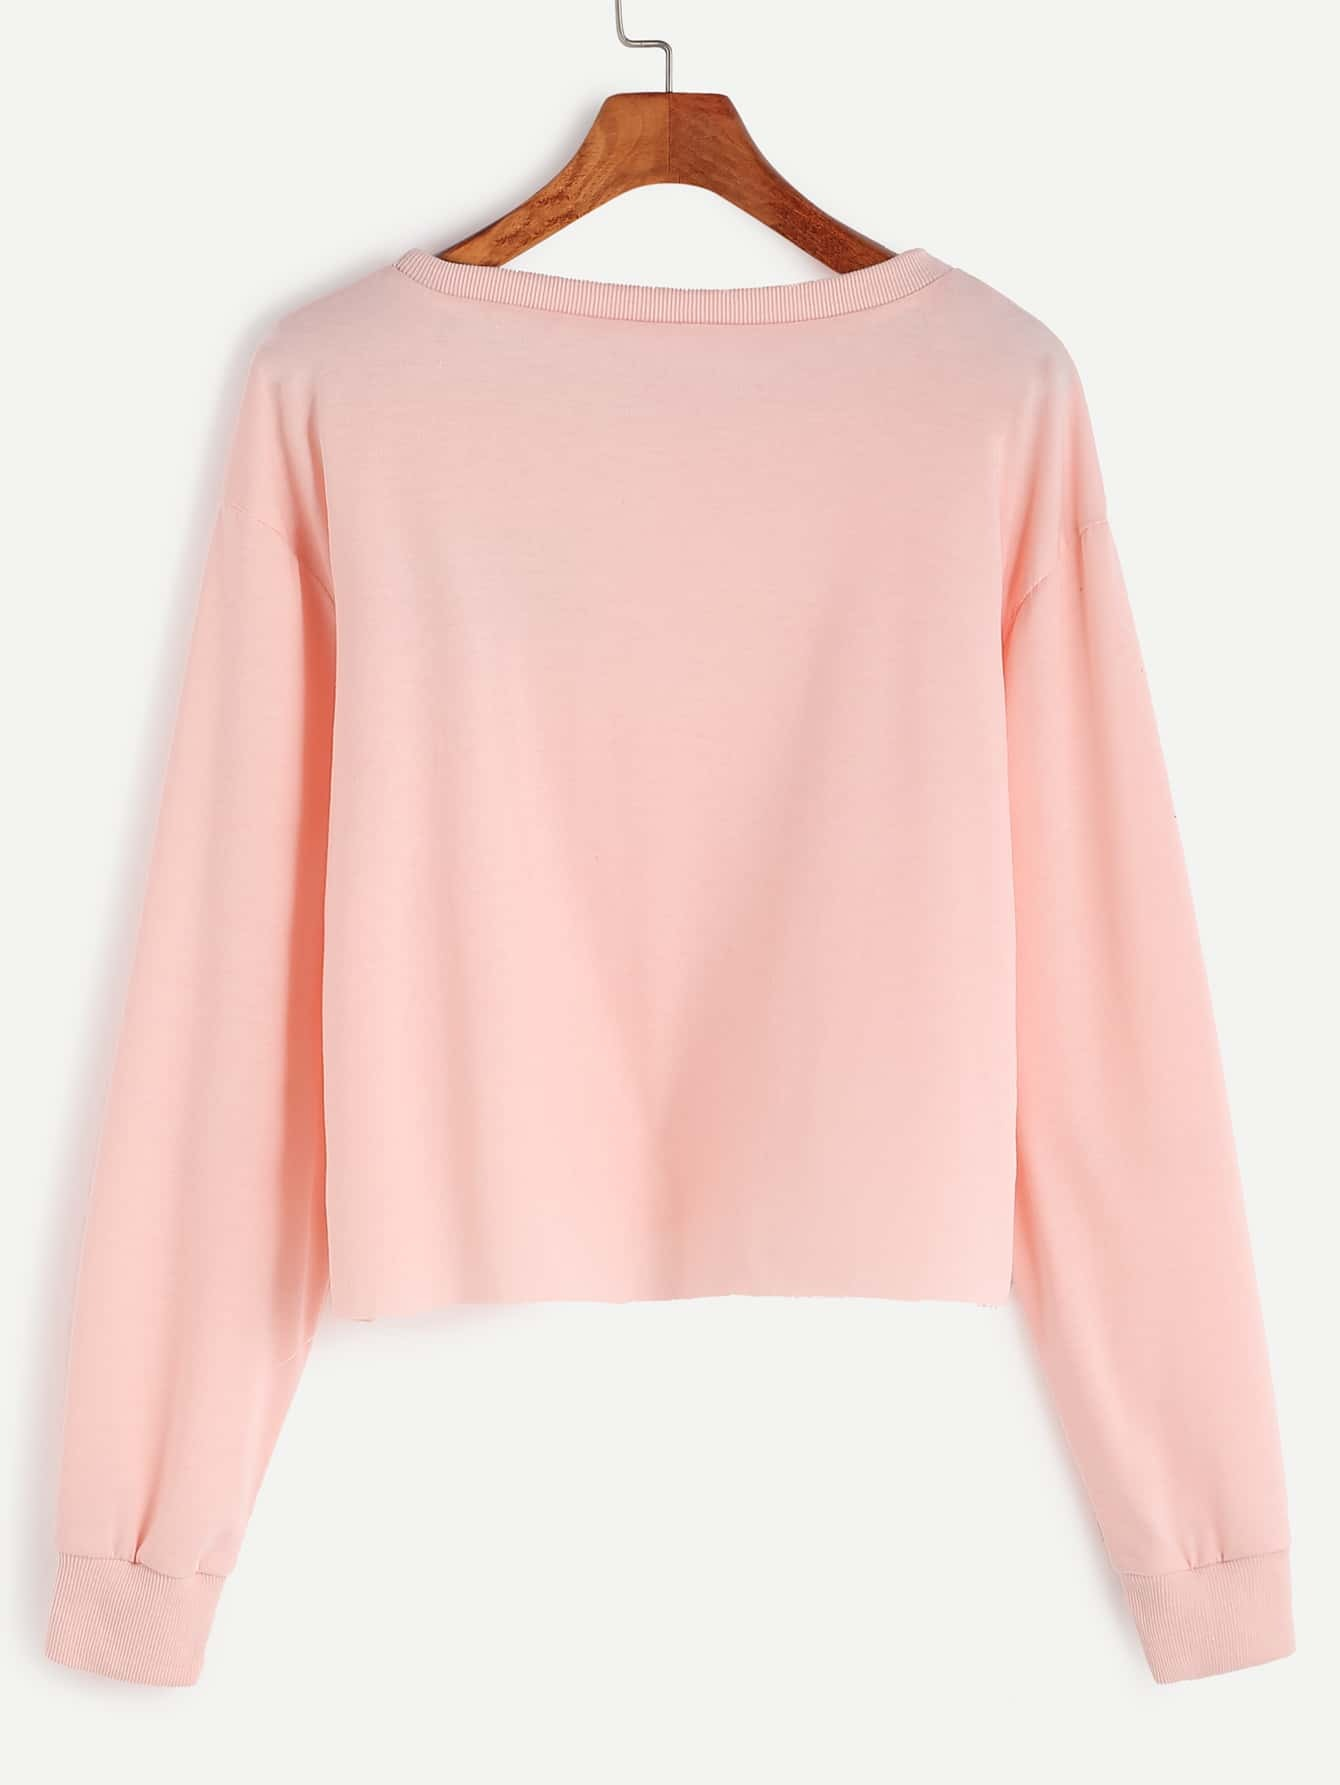 sweatshirt161128001_2